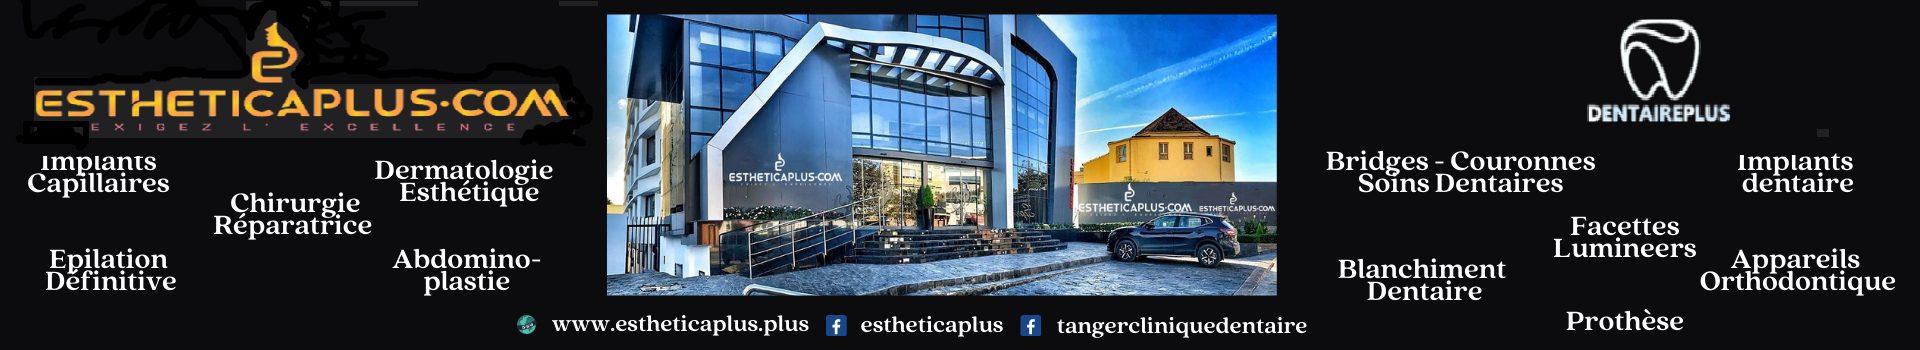 chirurgie esthetique Tanger et clinique dentaire Tanger 1